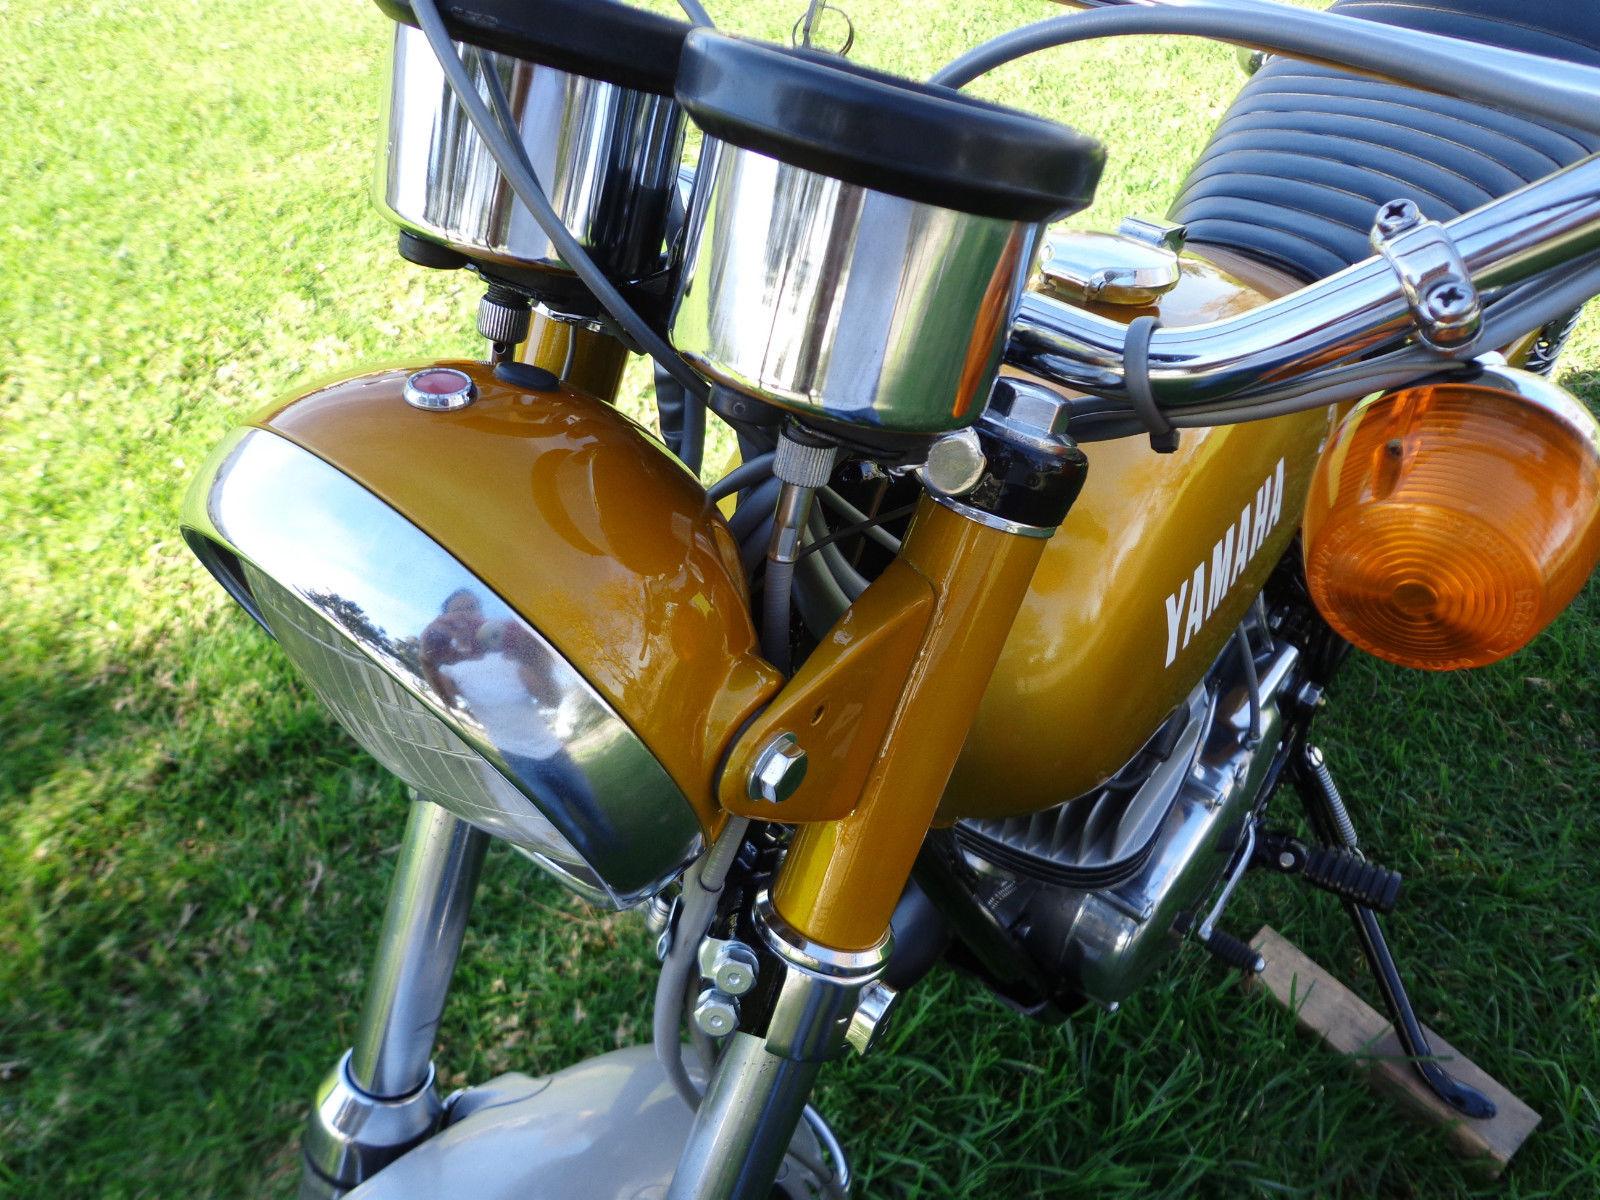 Yamaha DT250 - 1972 - Head Light, Ears, Clocks and Forks.